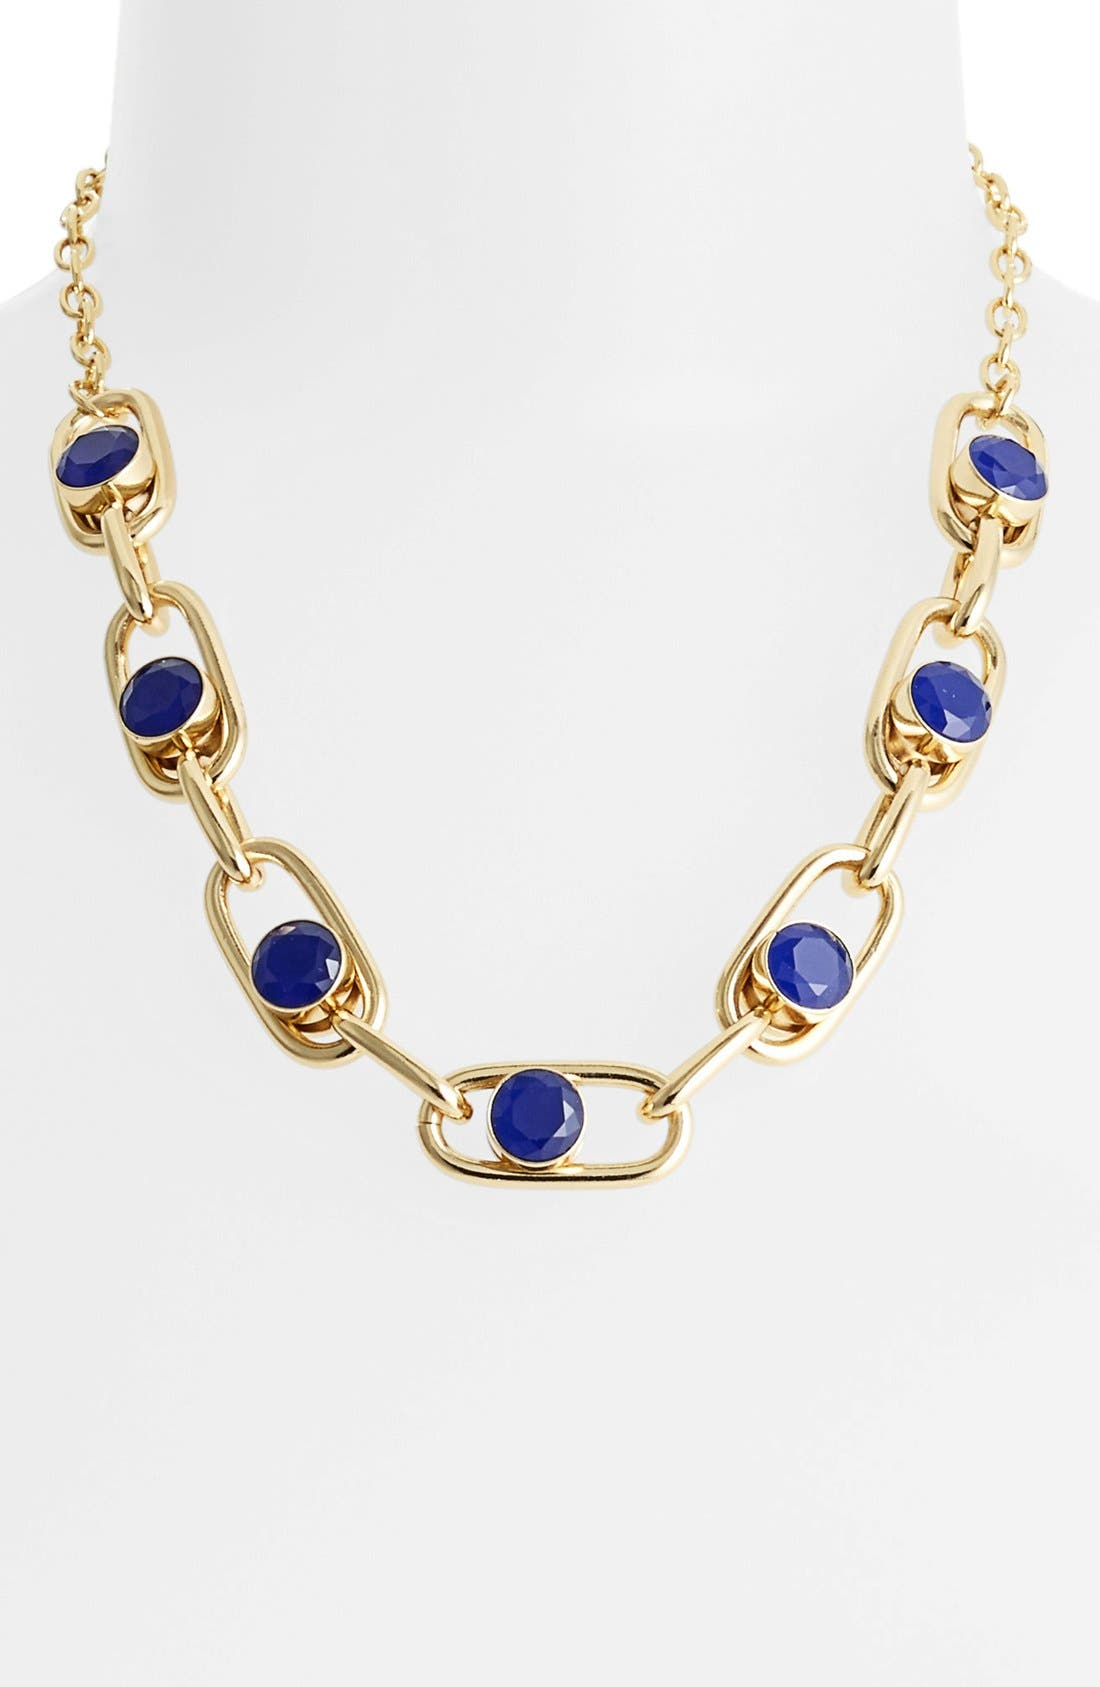 Alternate Image 1 Selected - kate spade new york 'get rolling' short link necklace